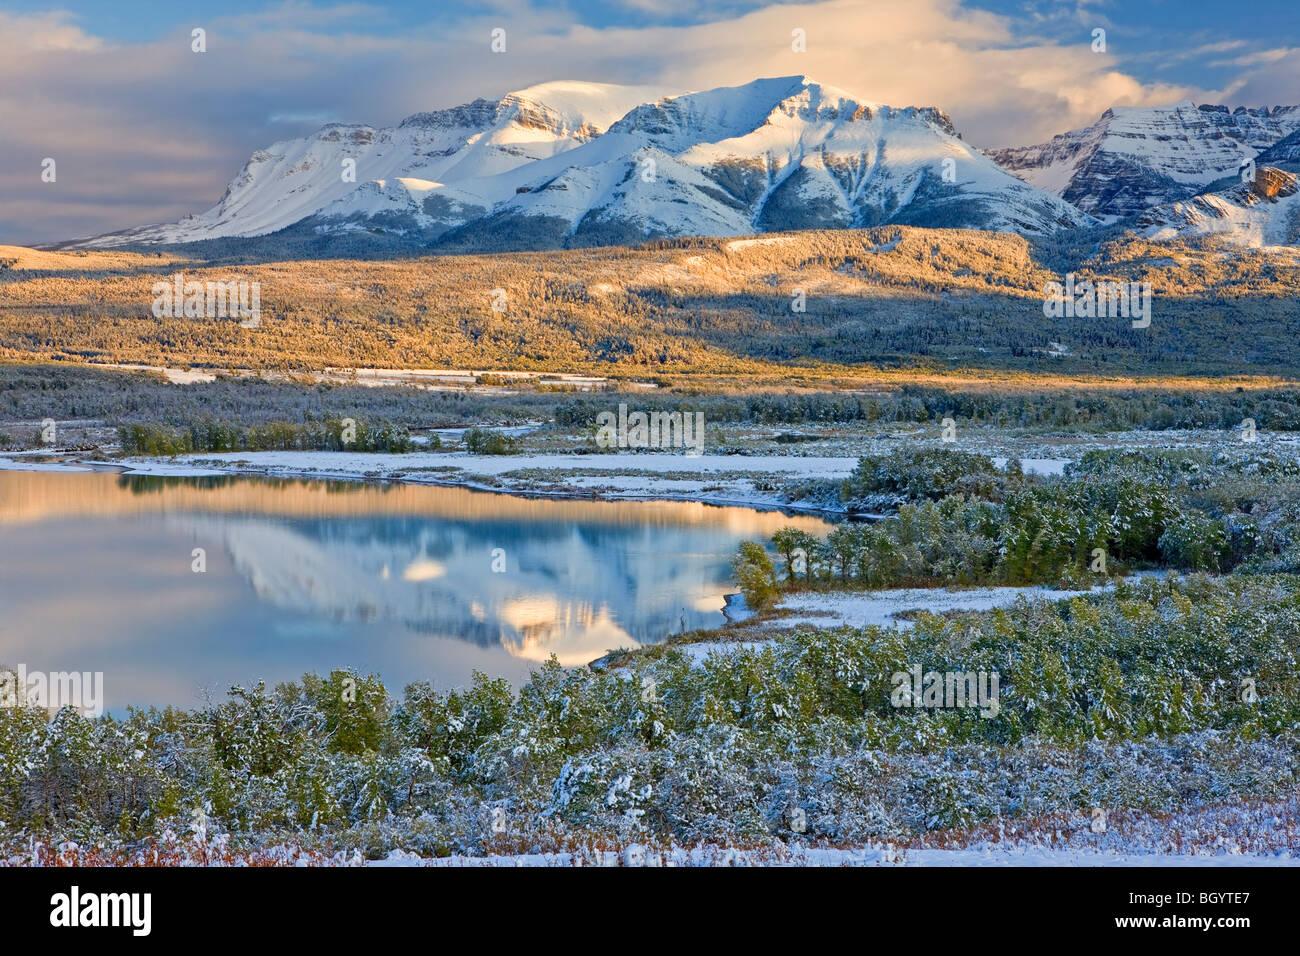 Le lac Waterton Inférieur et les montagnes du parc national des Lacs Waterton (Site du patrimoine mondial de Photo Stock